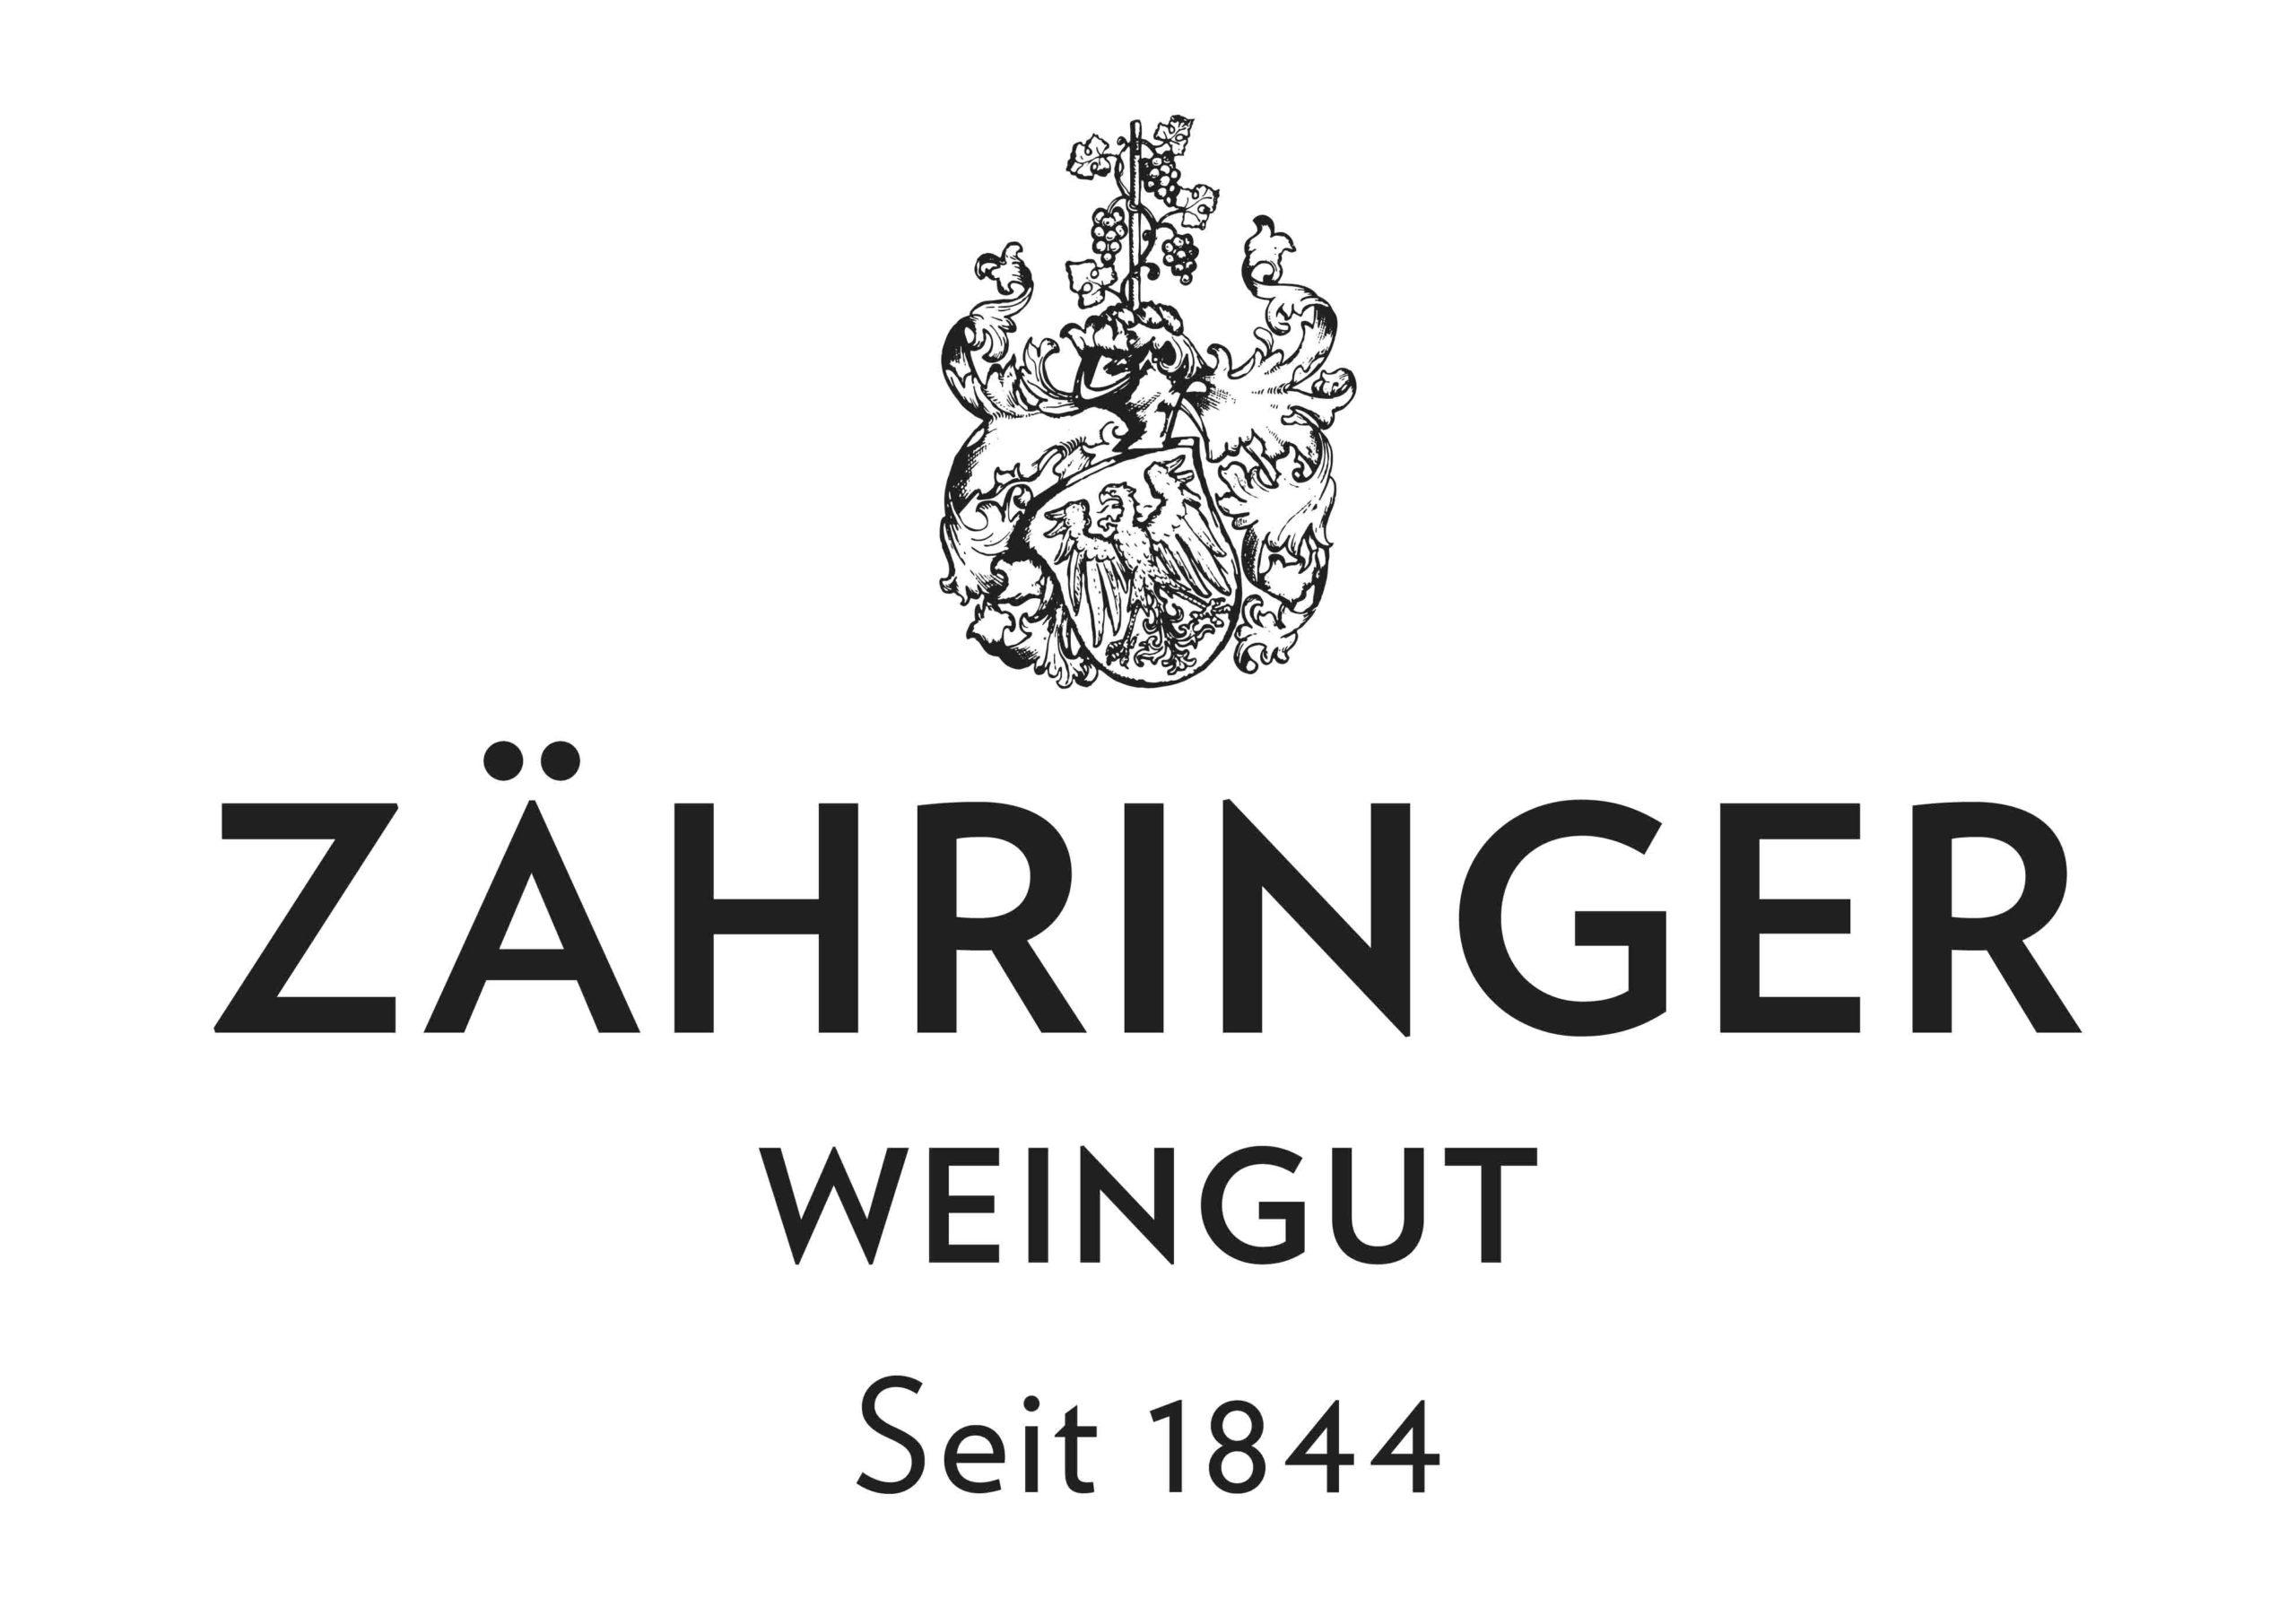 Weingut Zähringer